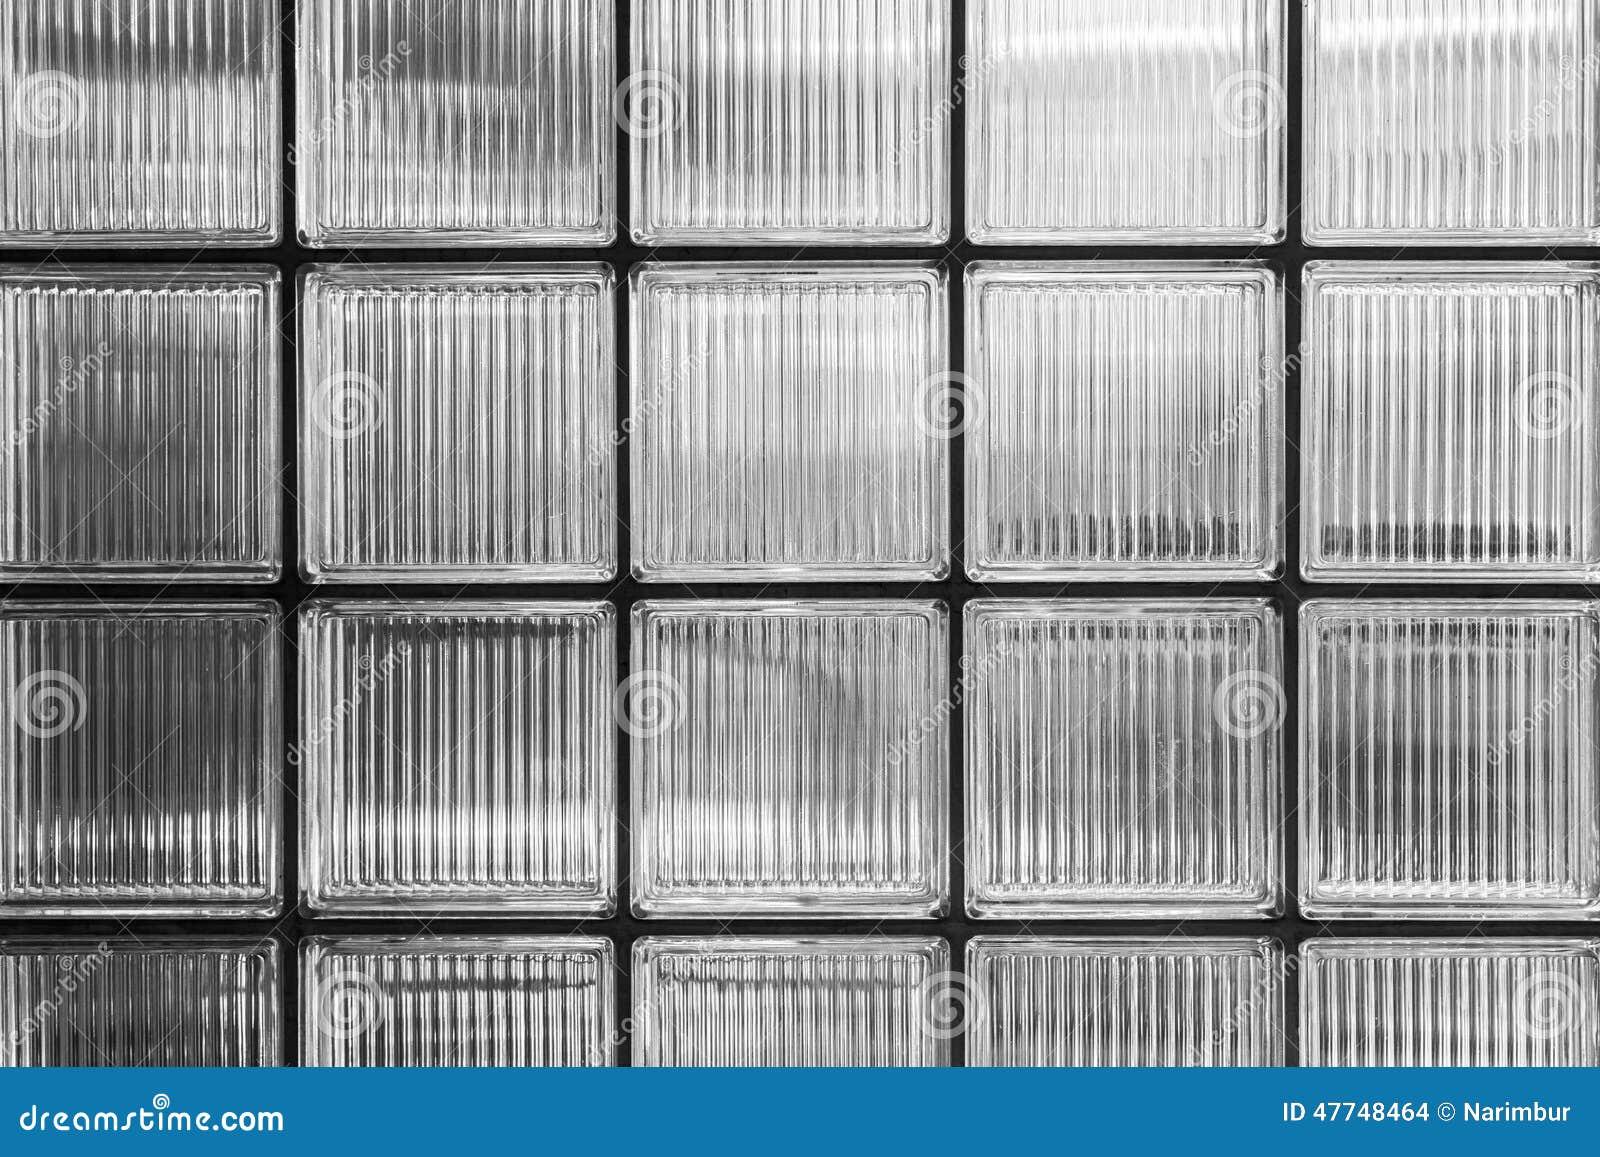 Wand von Glasbausteinen stockfoto. Bild von oberfläche - 47748464